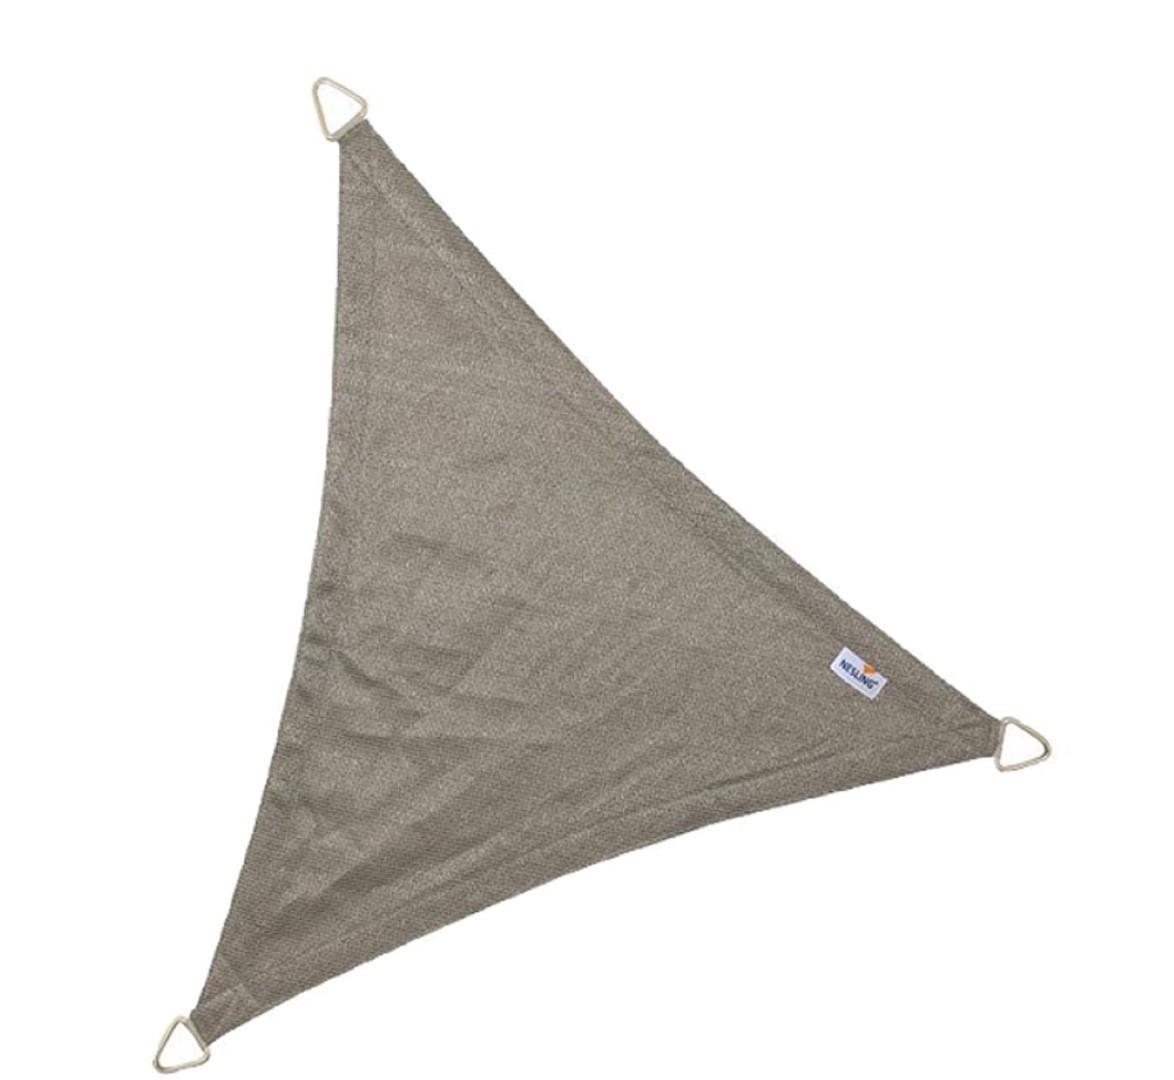 Driehoek 3,6 x 3,6 x 3,6m, Antraciet